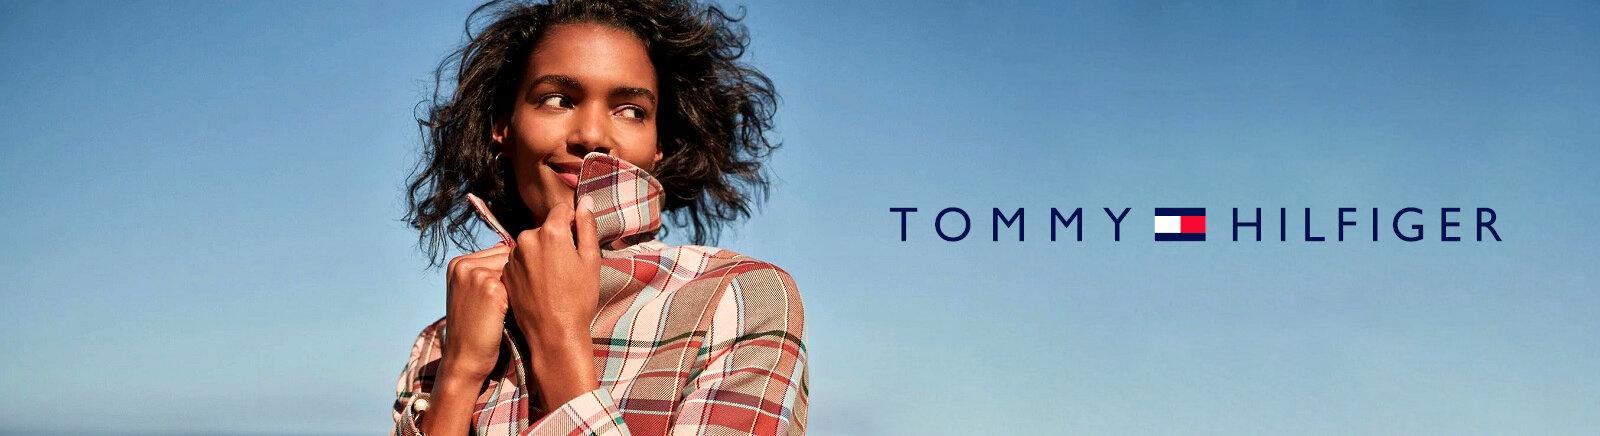 Tommy Hilfiger Damenschuhe online entdecken im Juppen Shop